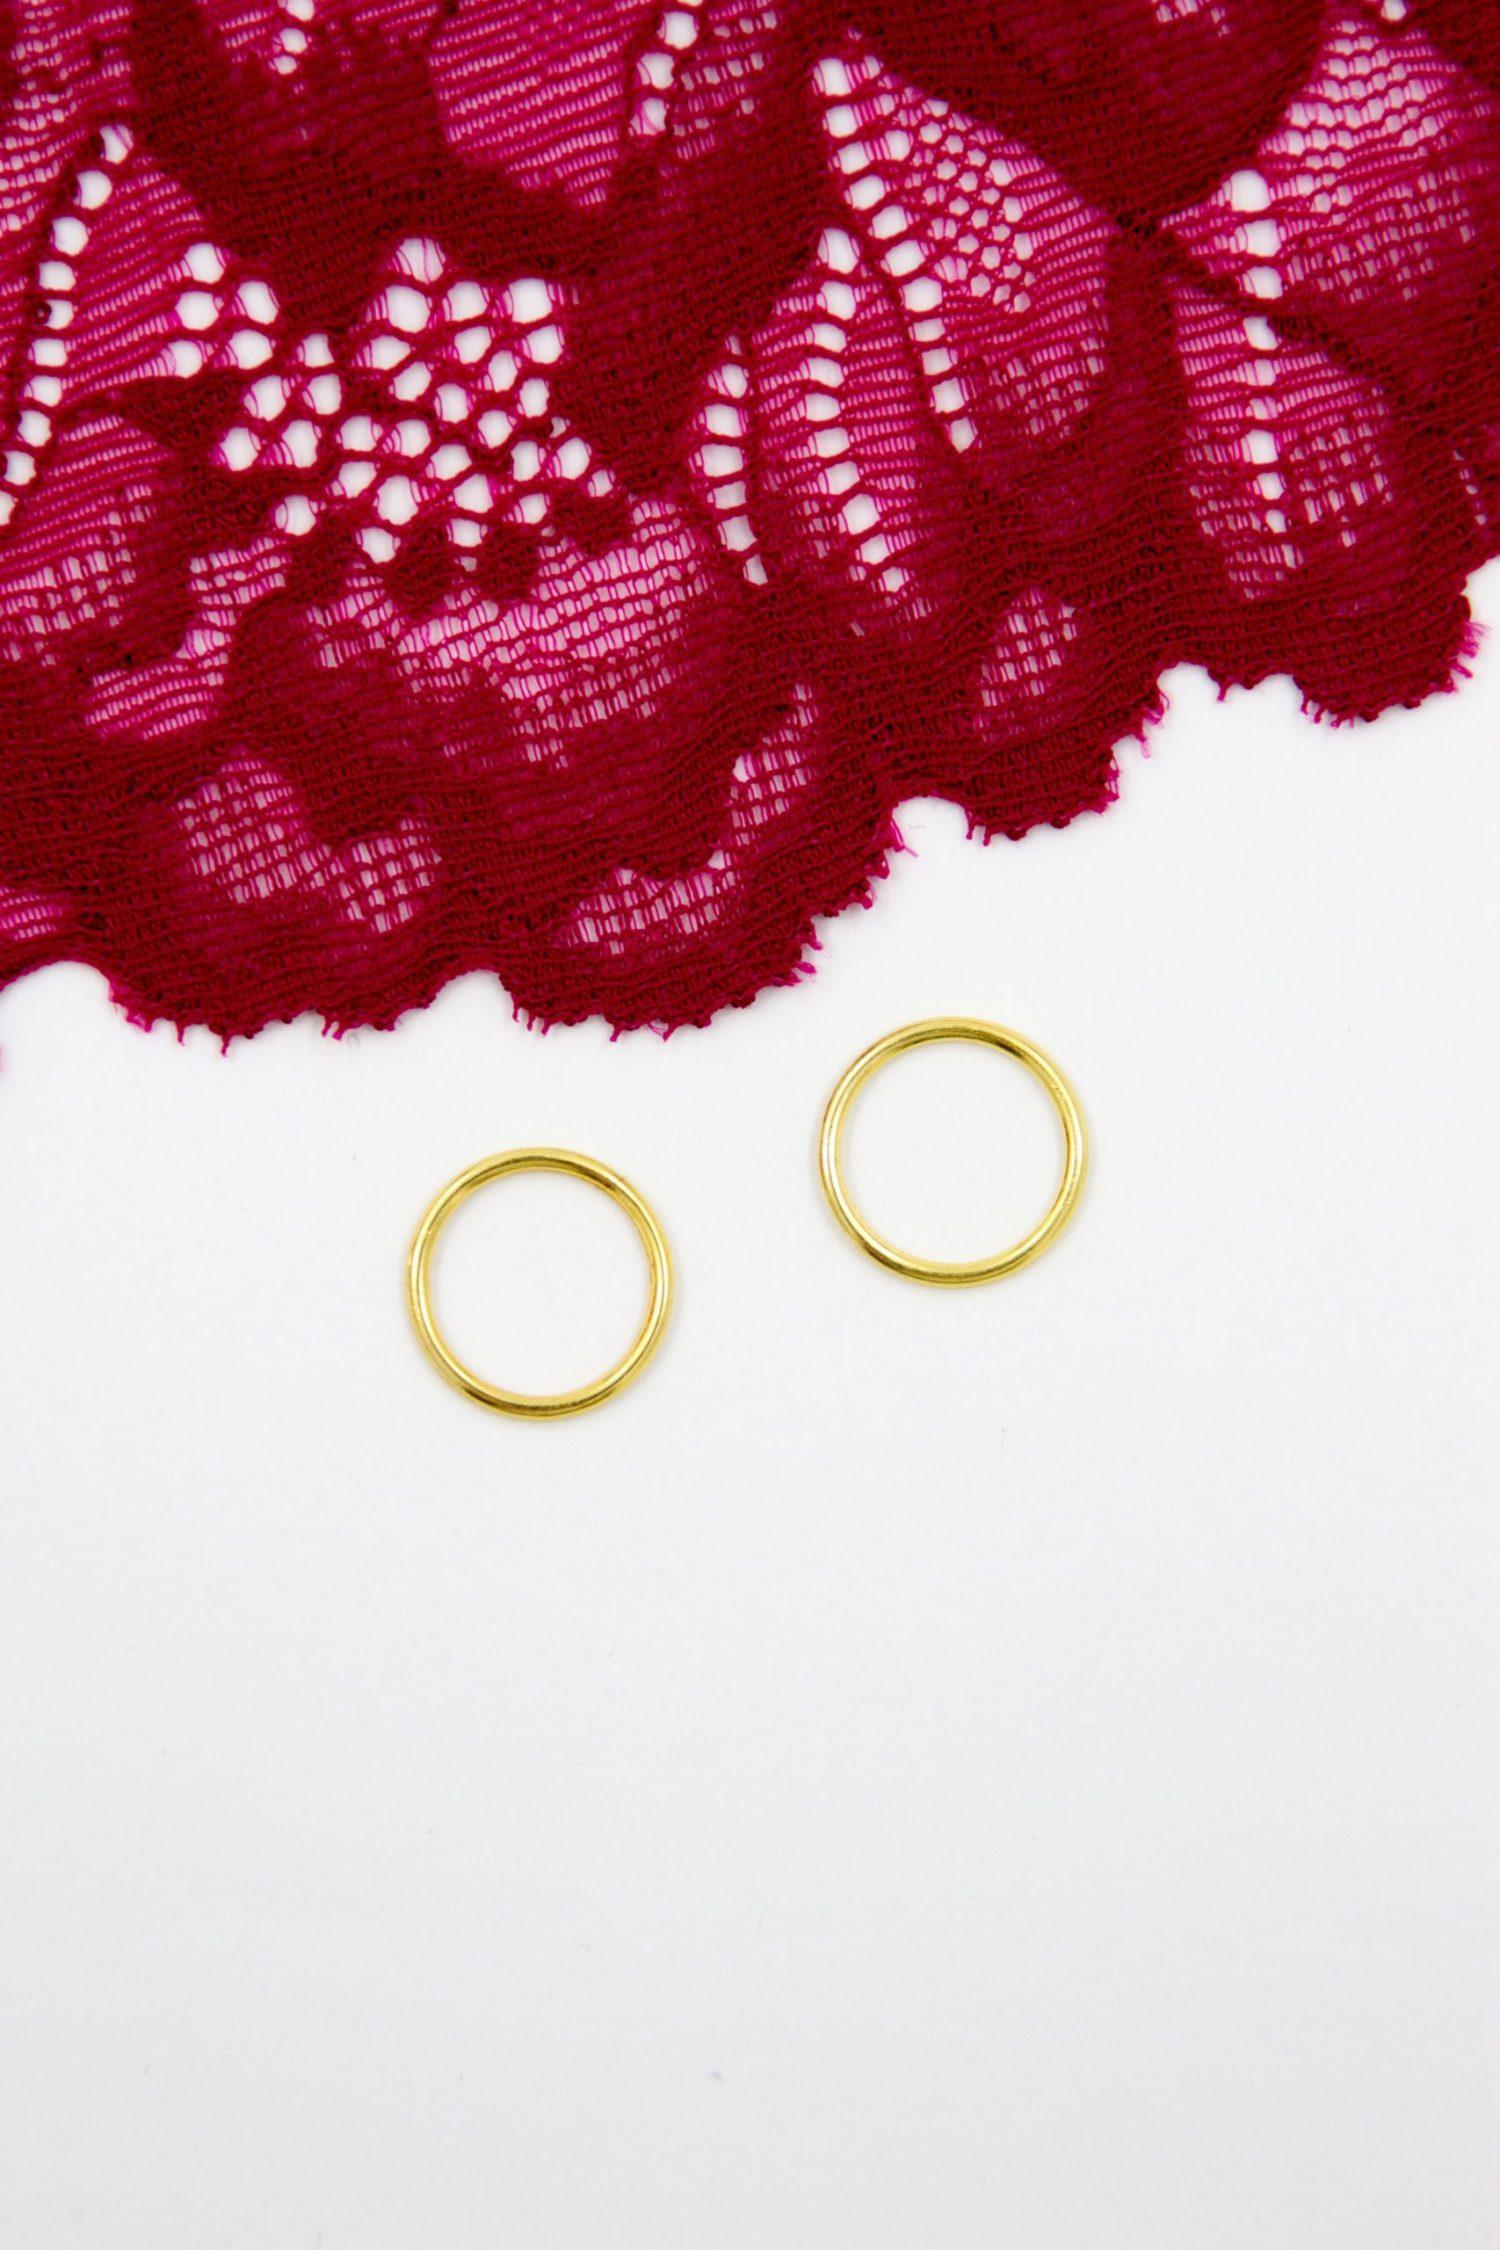 Кольцо металлическое бельевая фурнитура ∅1.2 см золотое